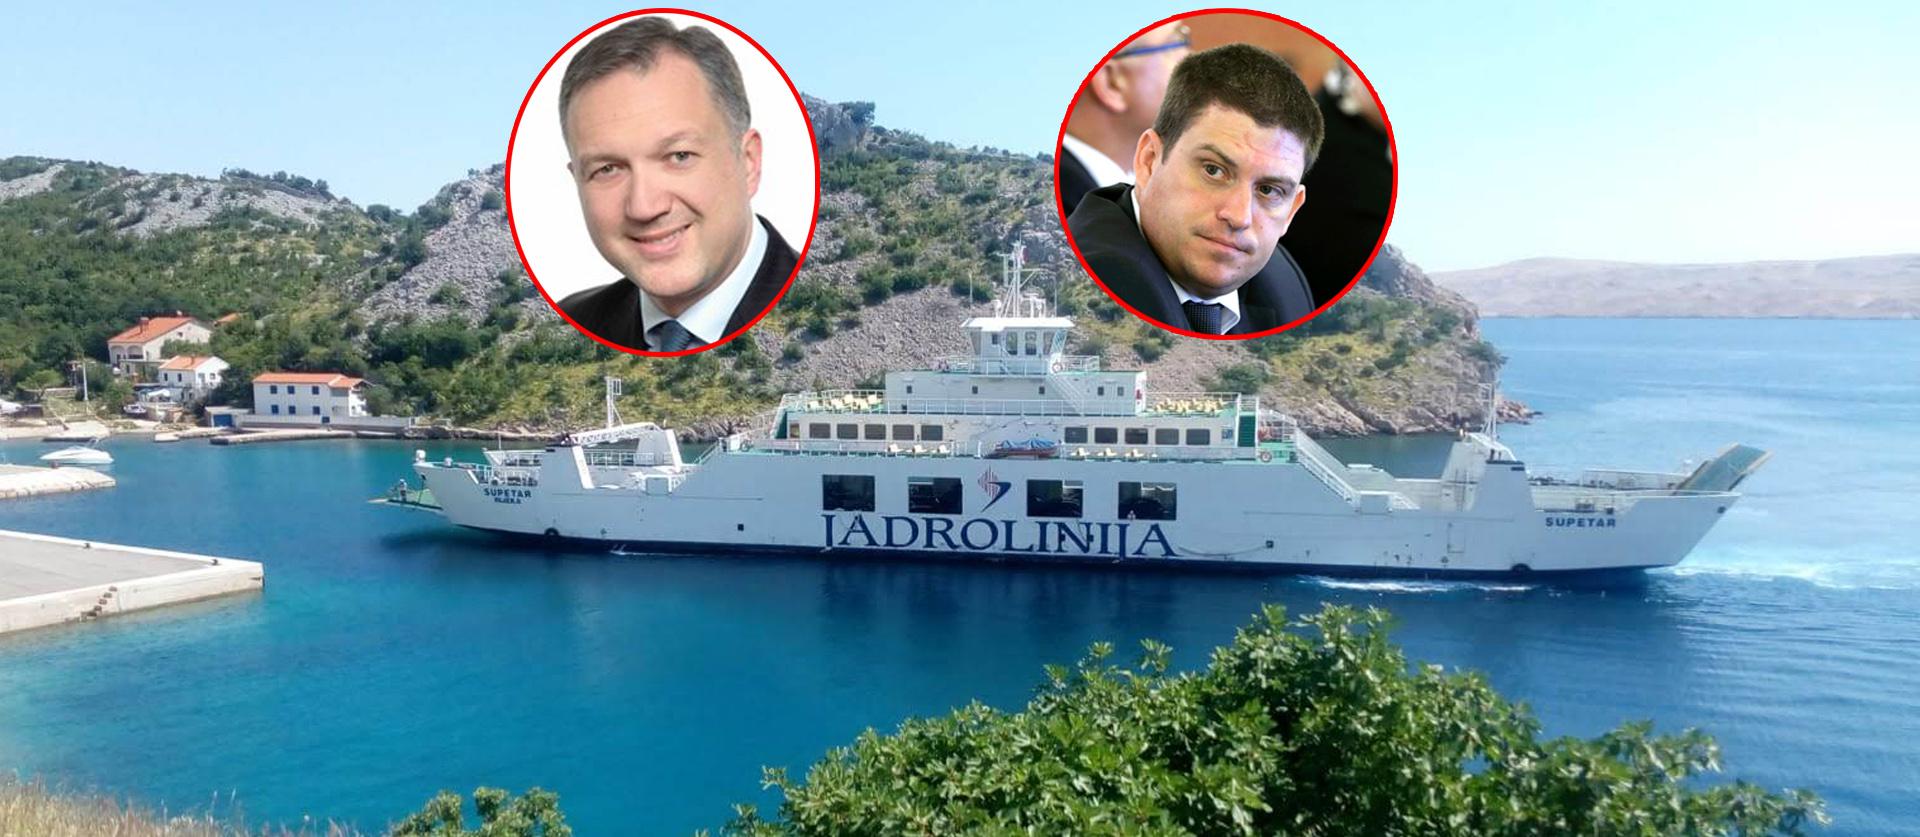 EKSKLUZIVNO Novi dokumenti: Odgovor šefa Jadrolinije Davida Sopte ministru Olegu Butkoviću